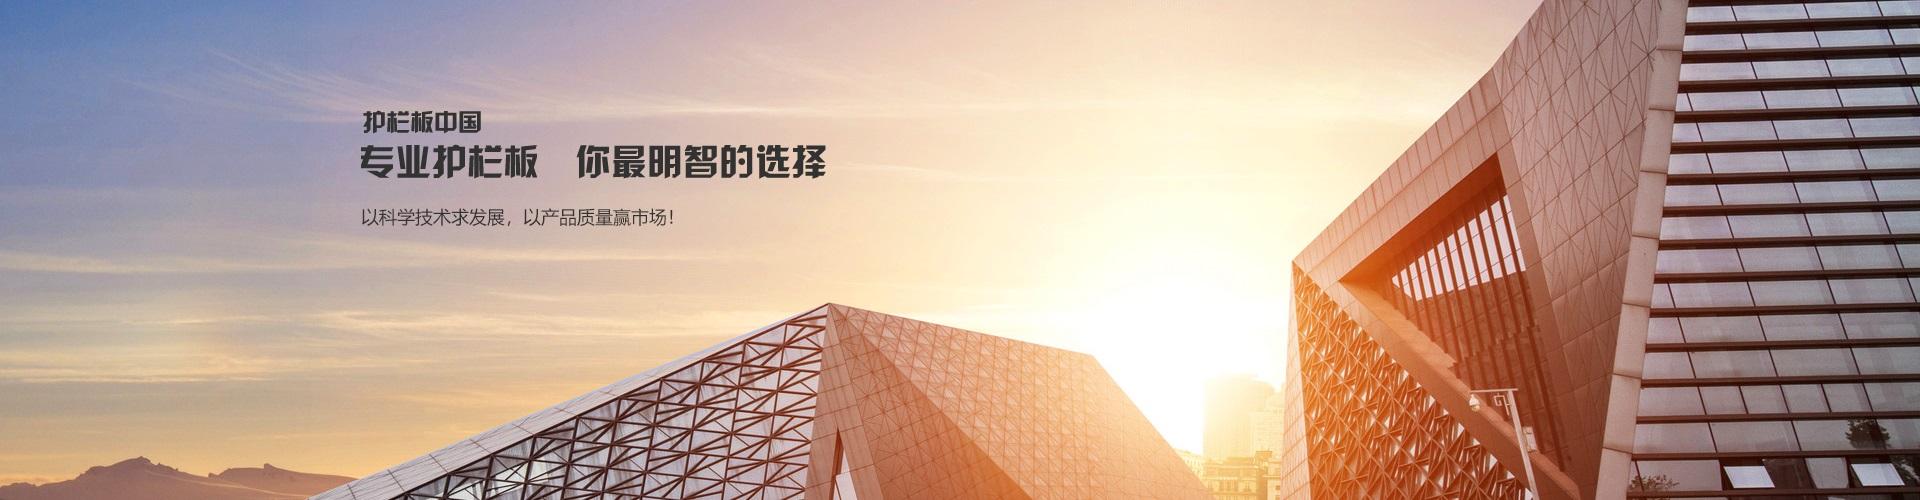 山东冠县北方集团有限公司